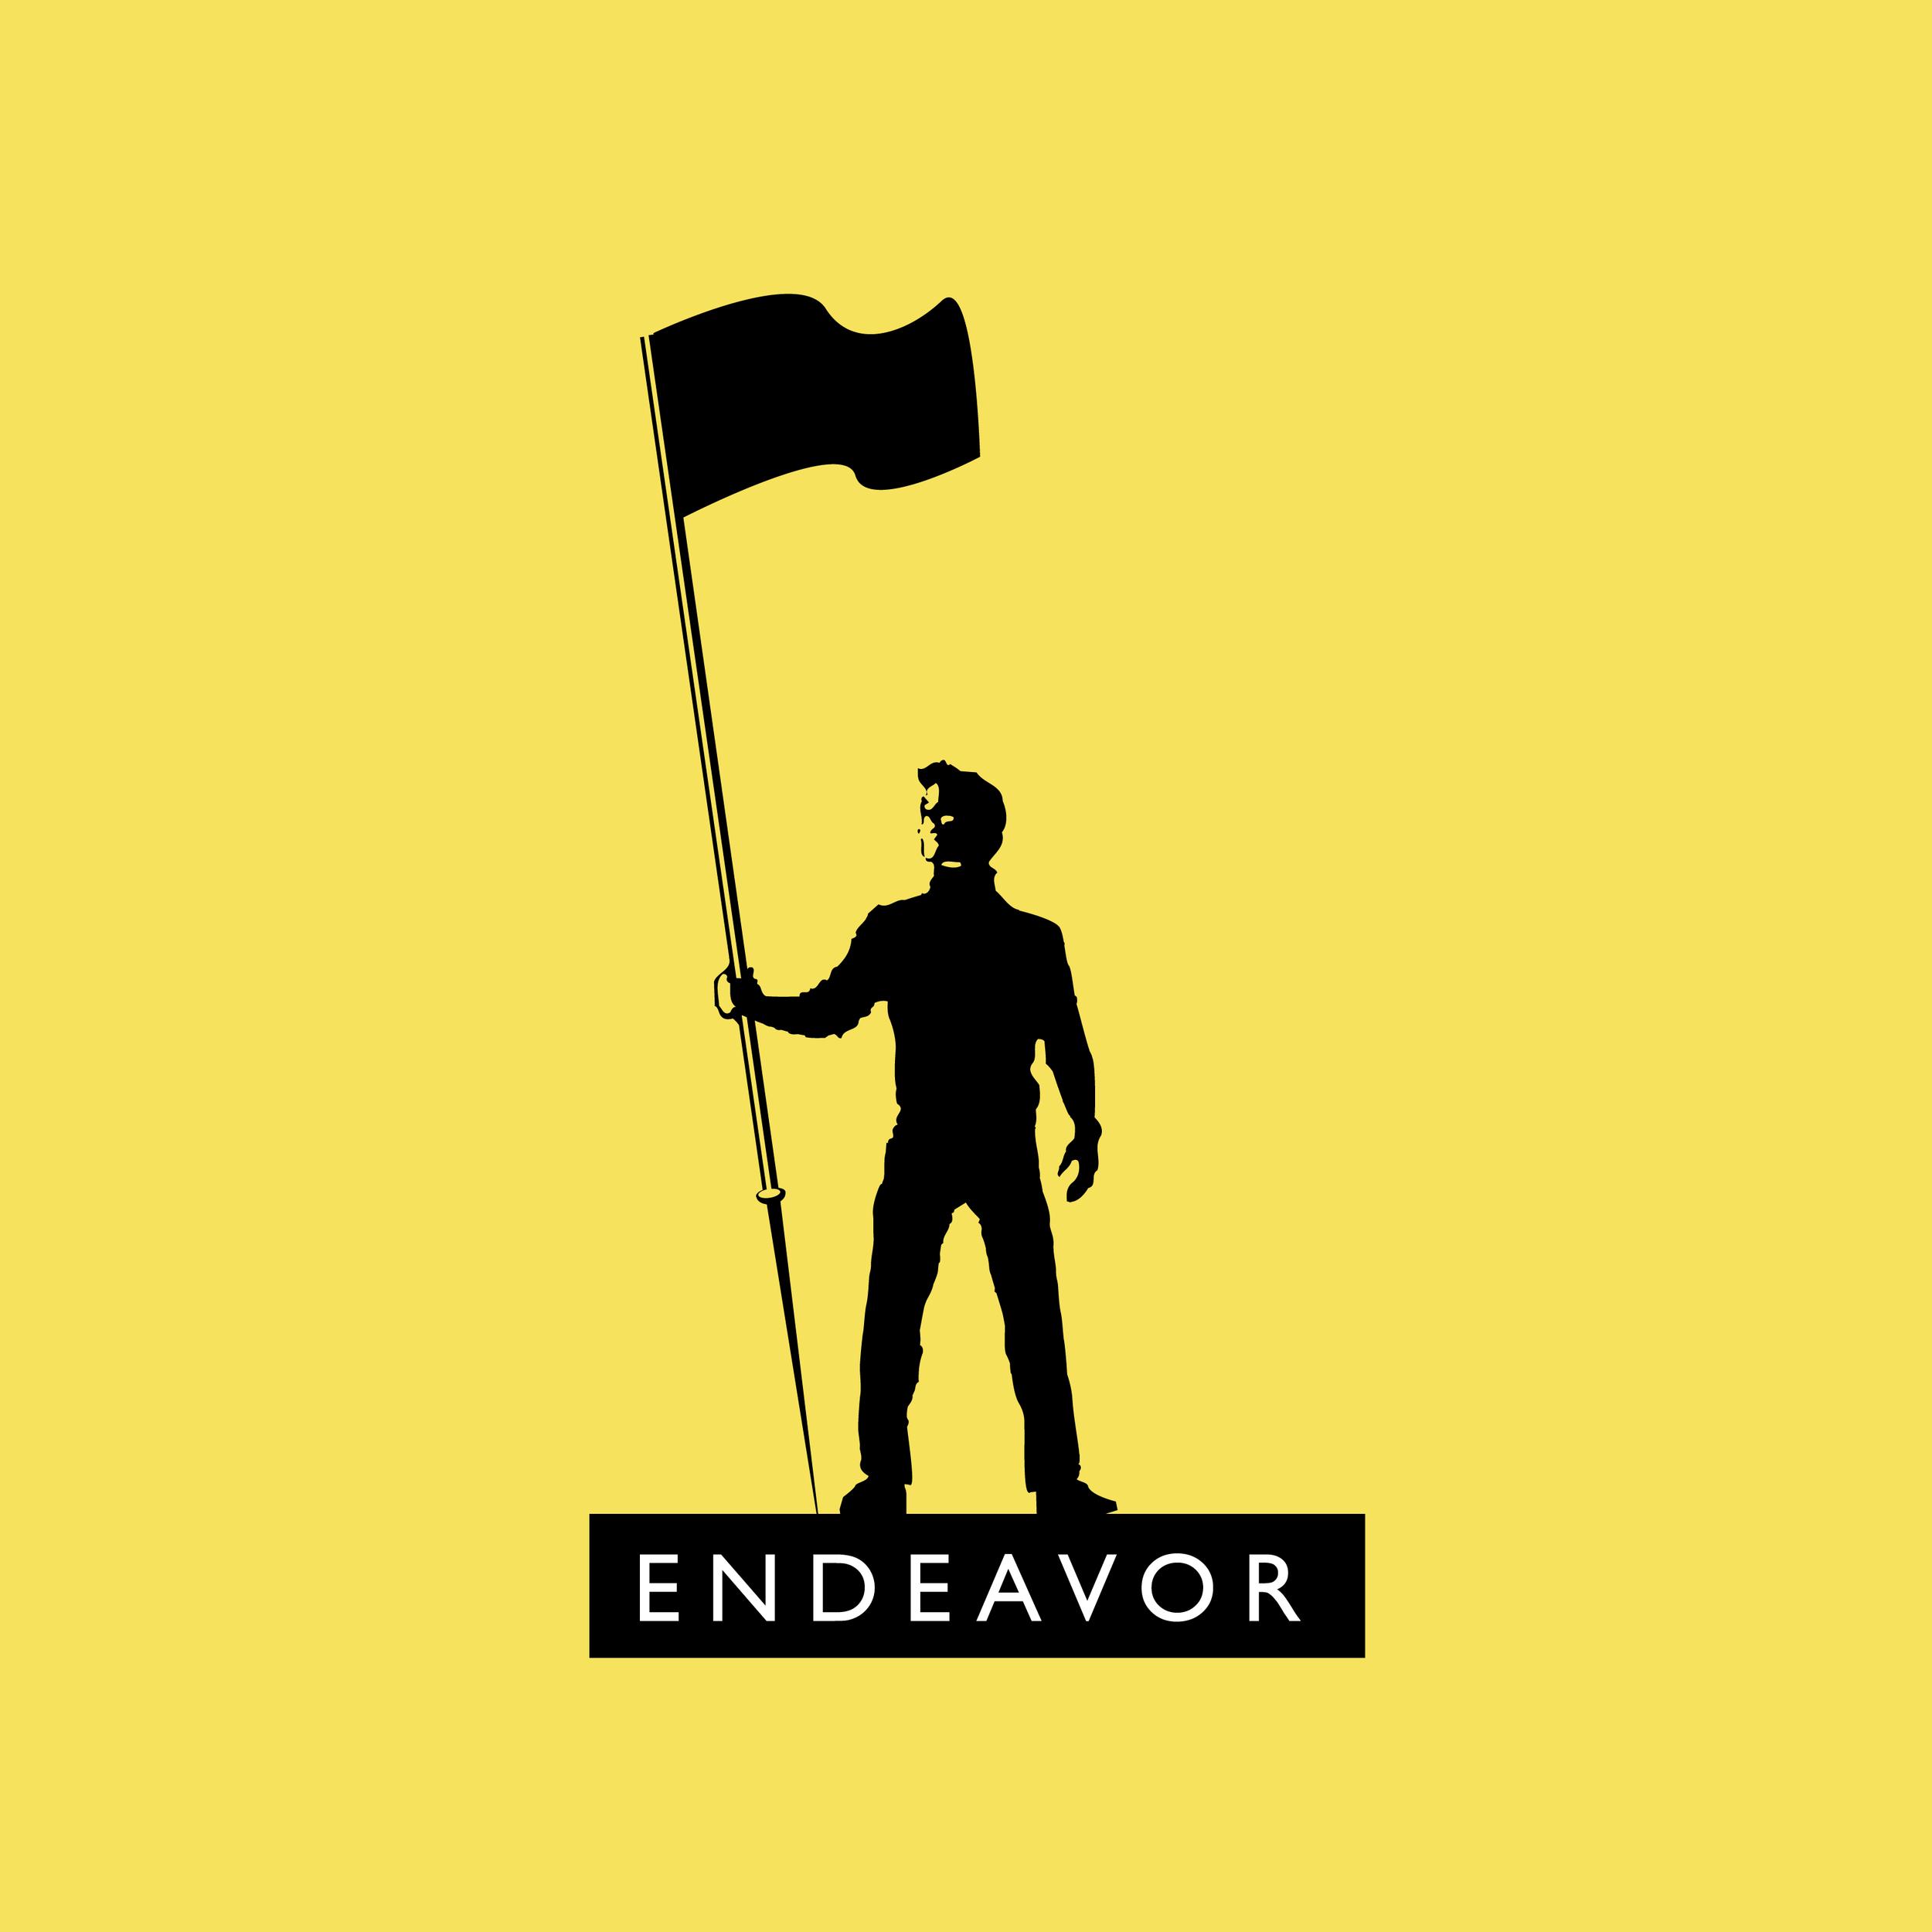 endeavor.png